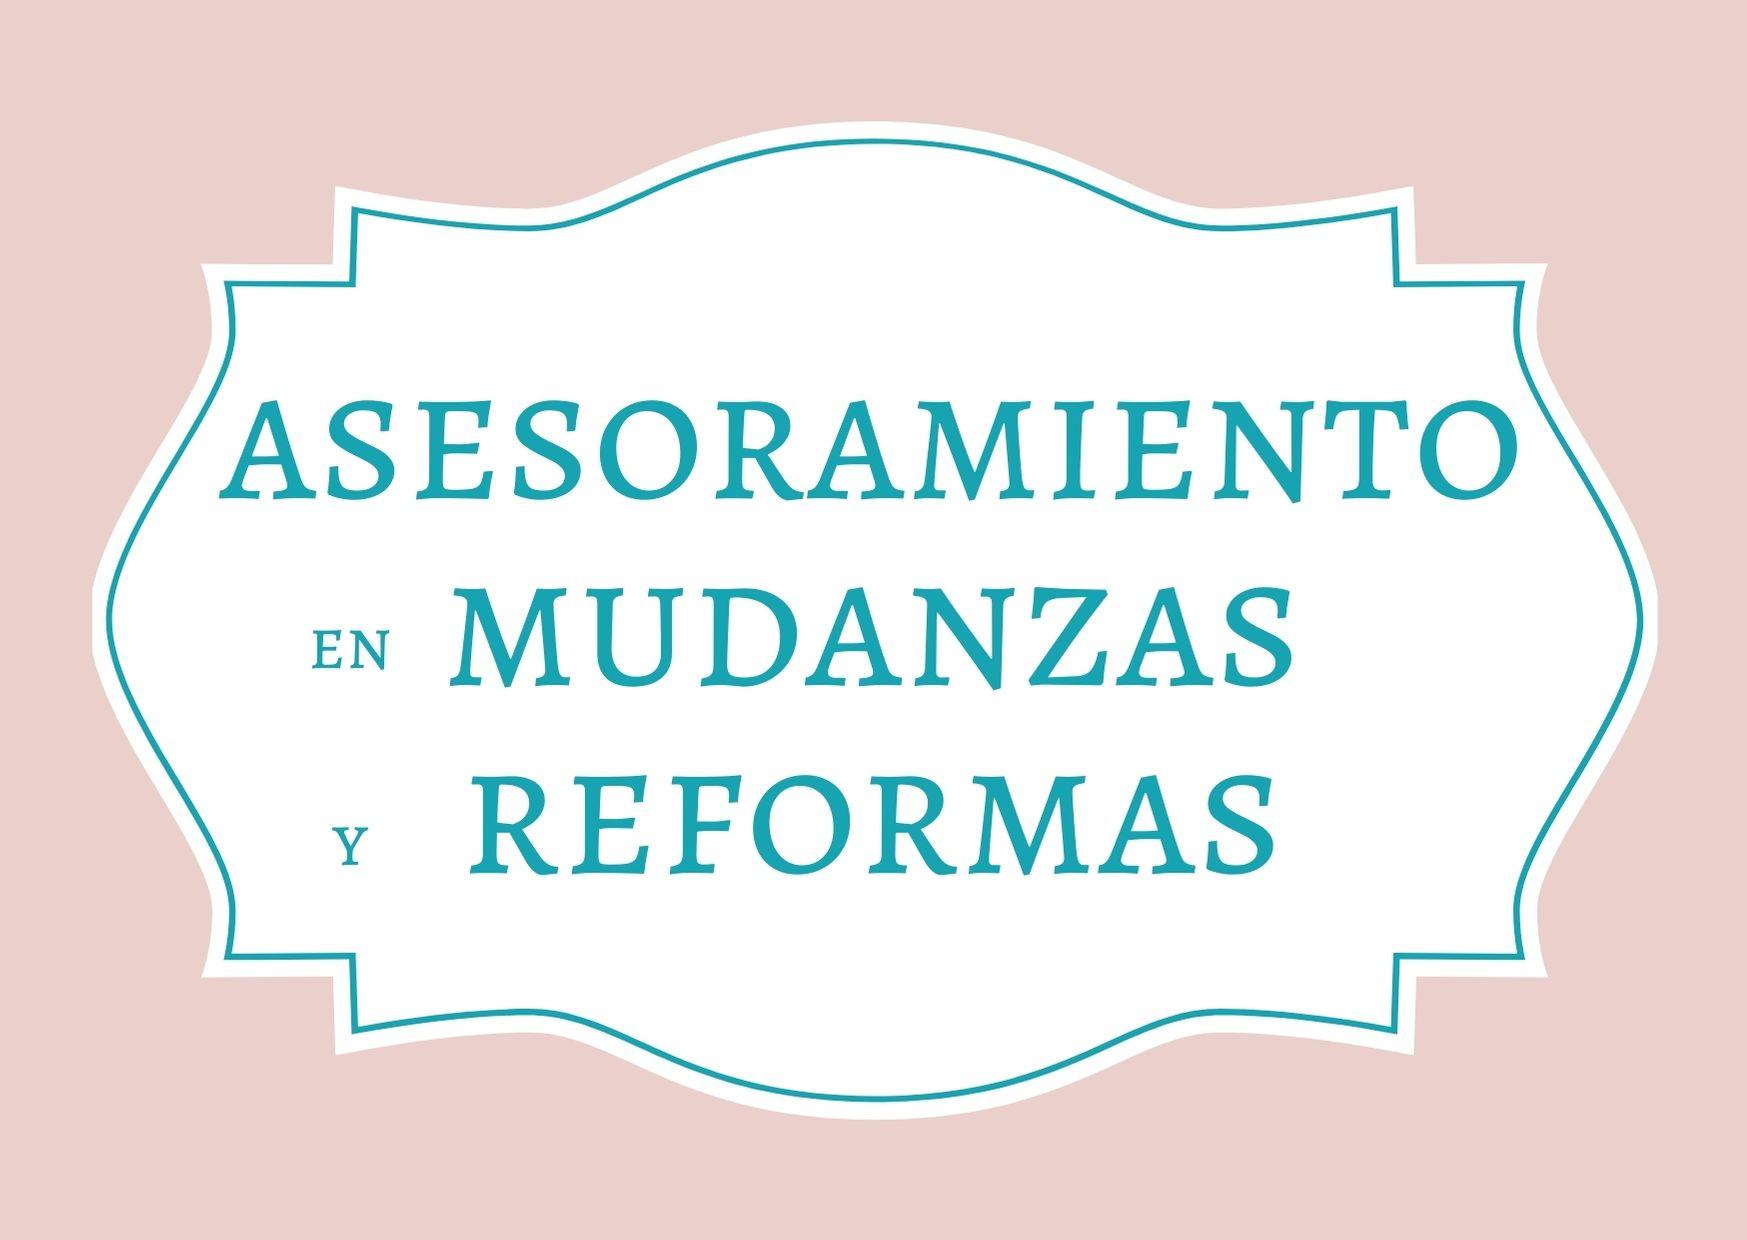 asesoramiento en mudanzas y reformas